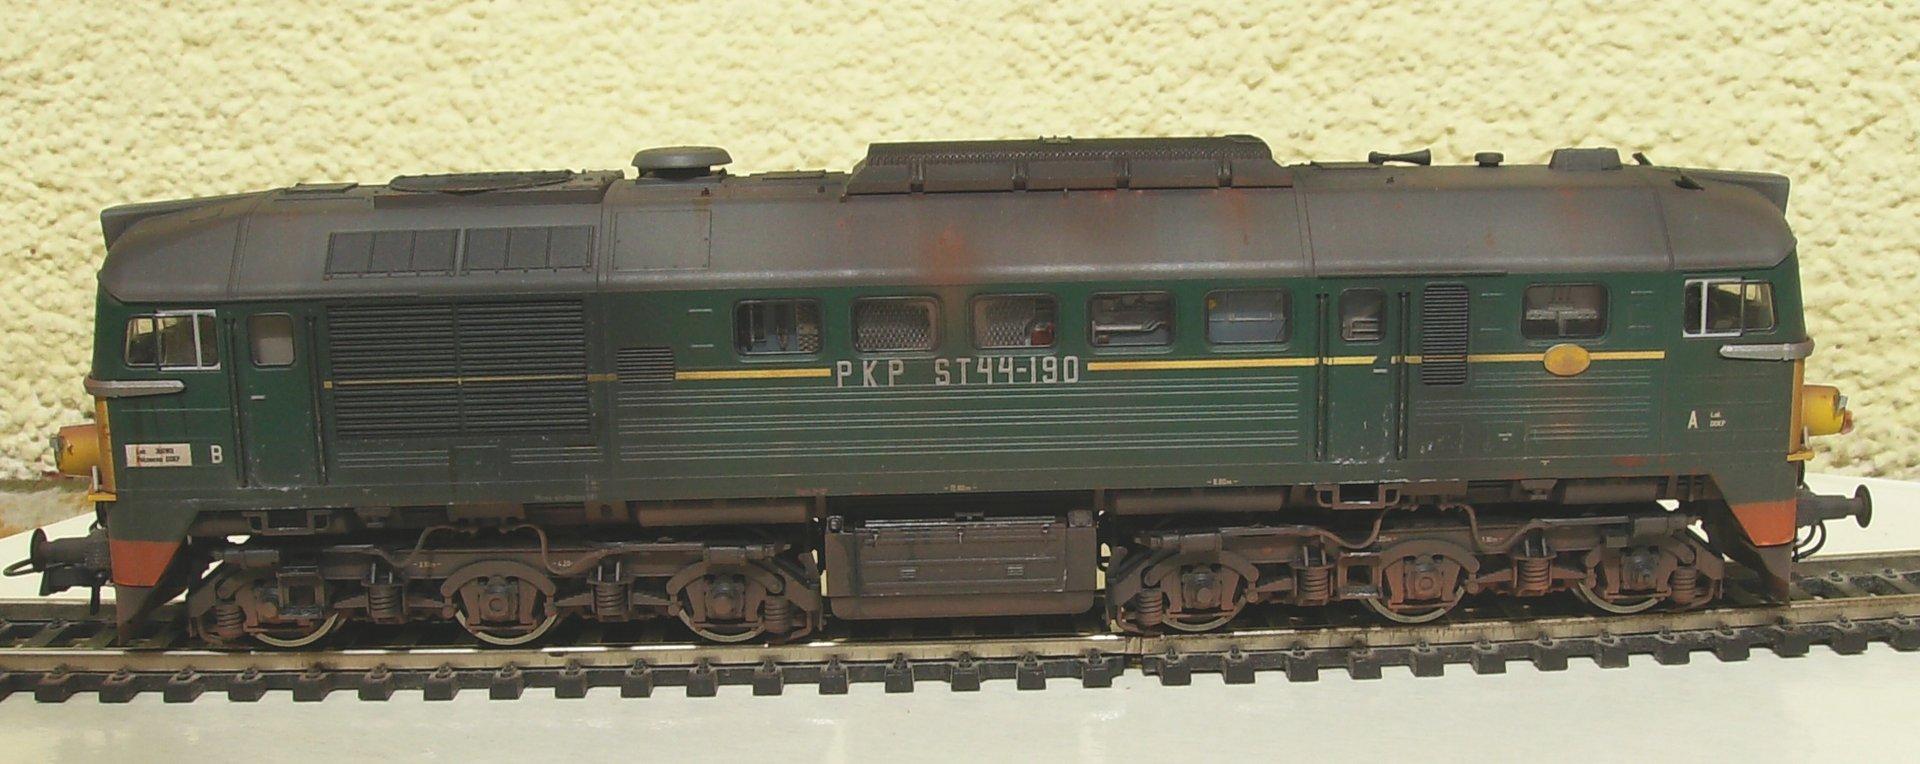 HPIM9195.JPG